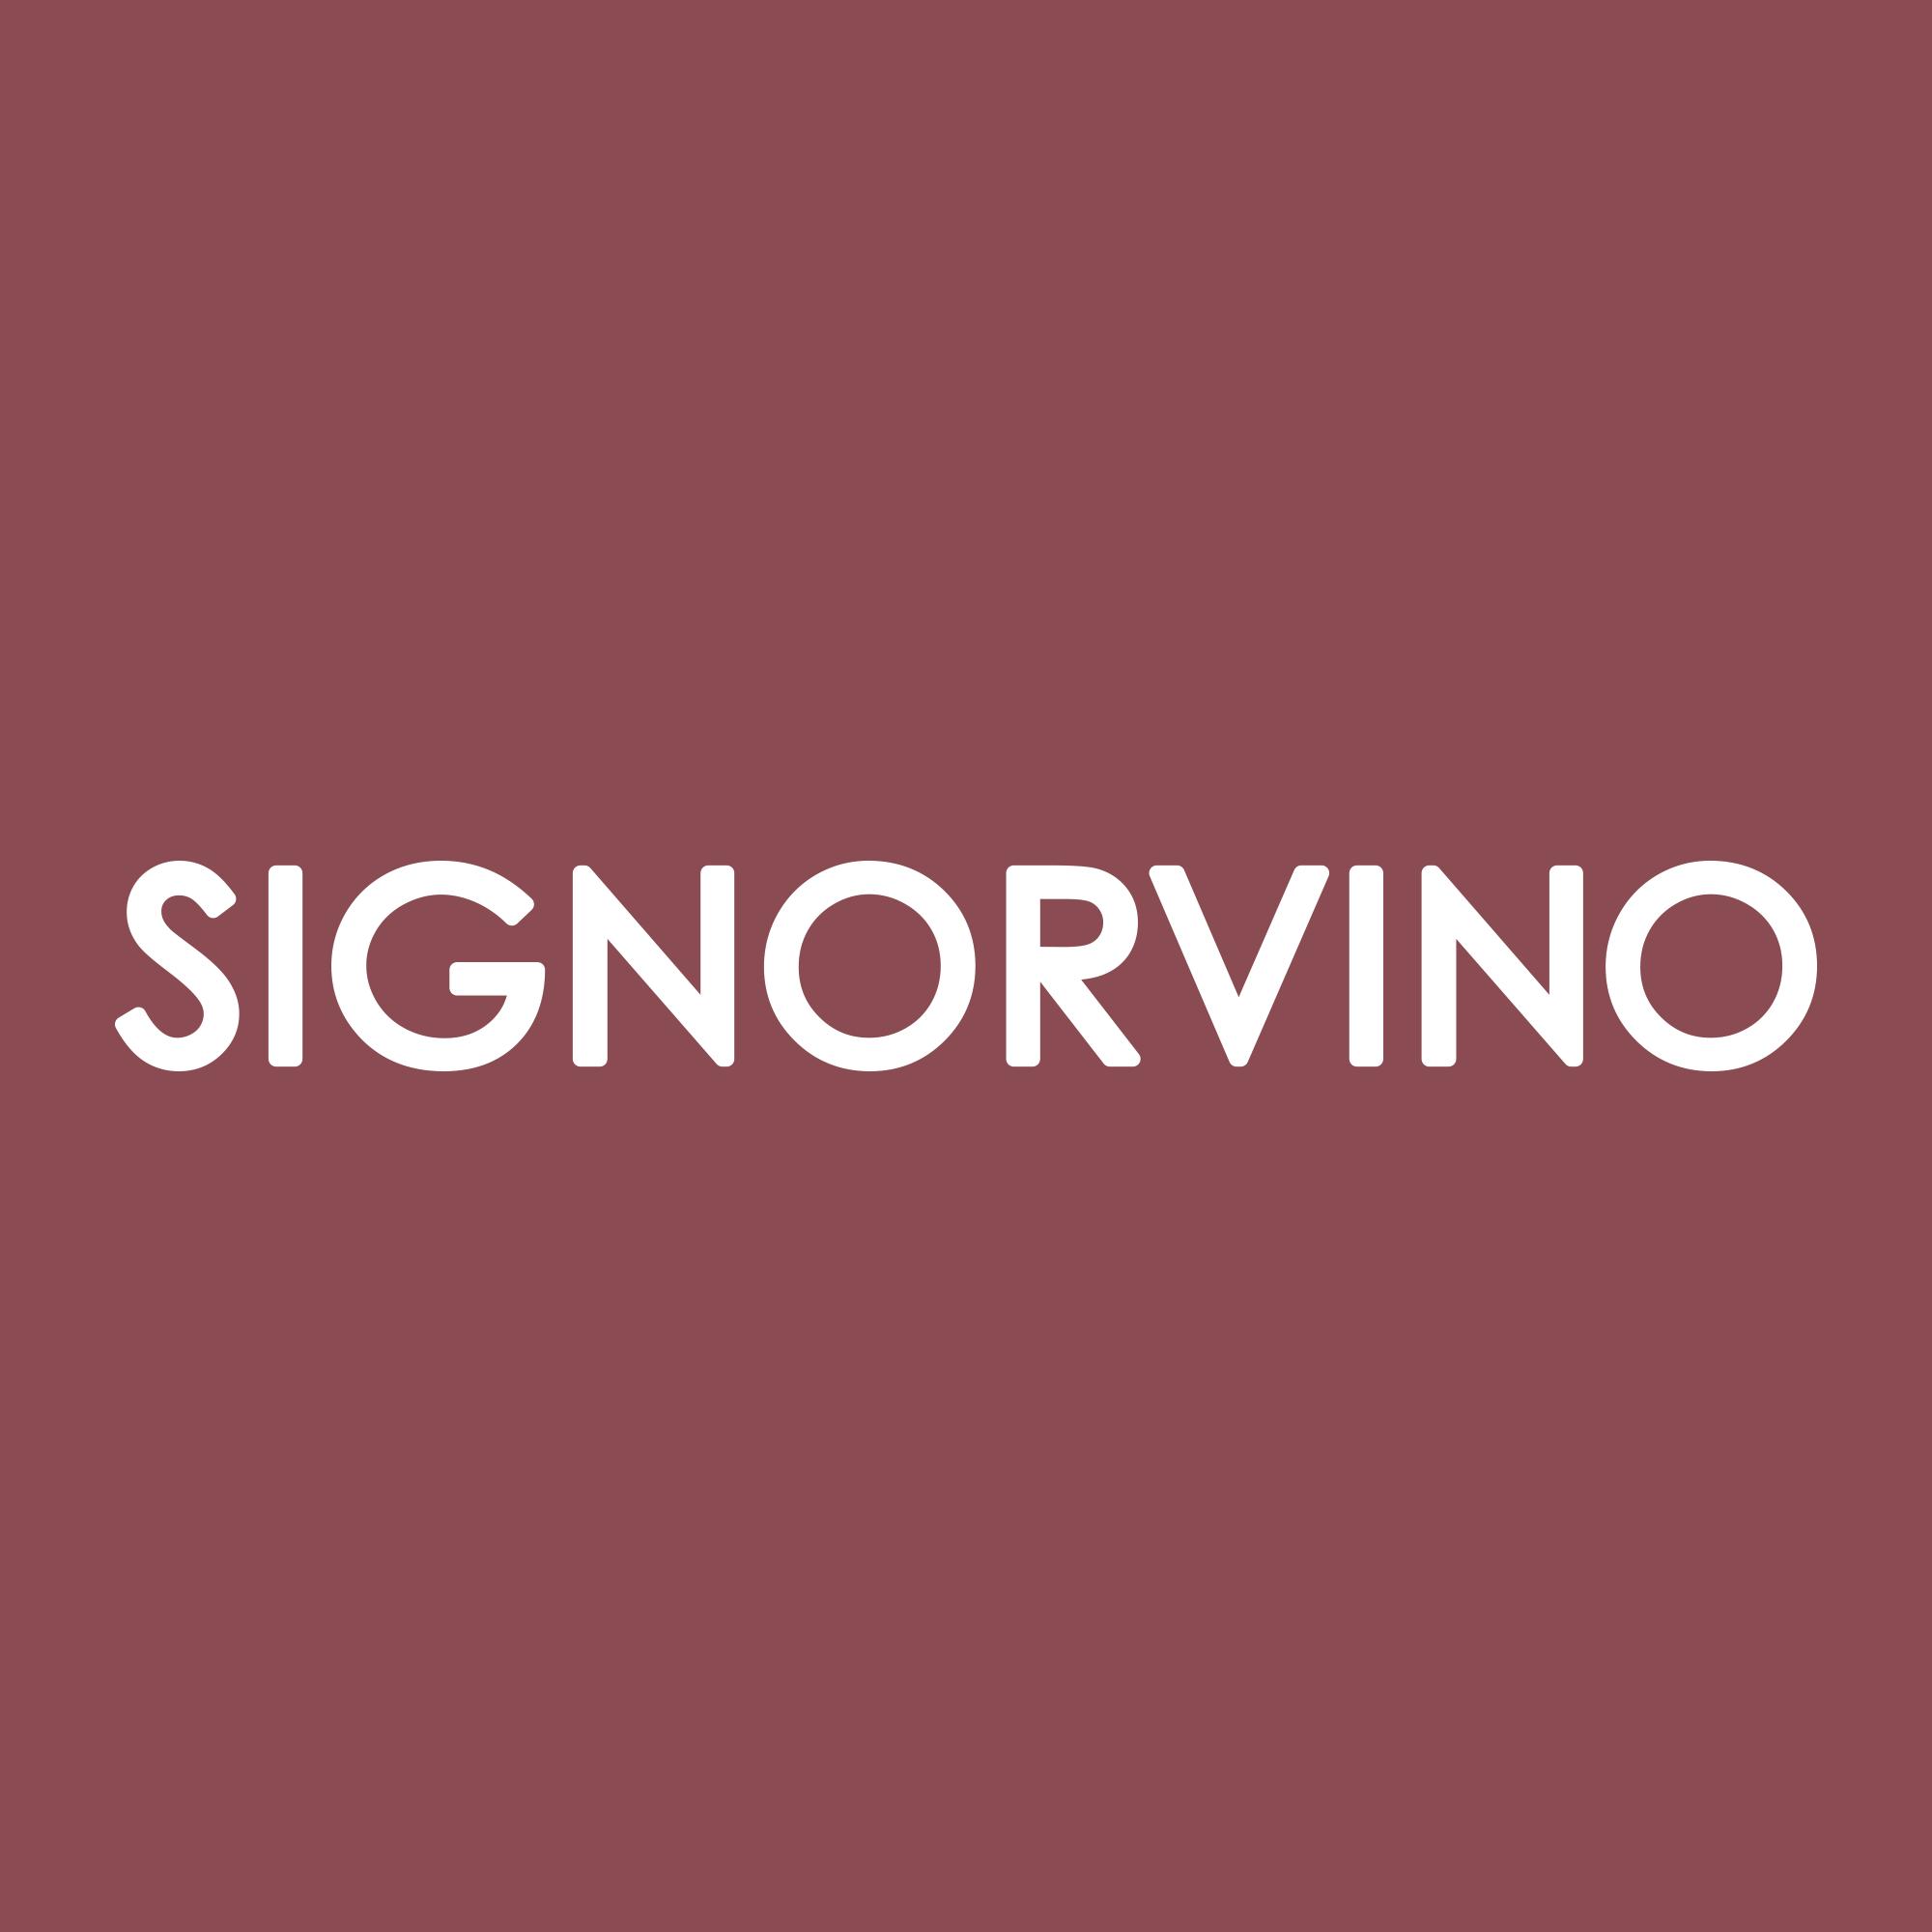 Signorvino - Ristoranti Oppeano-Vallese